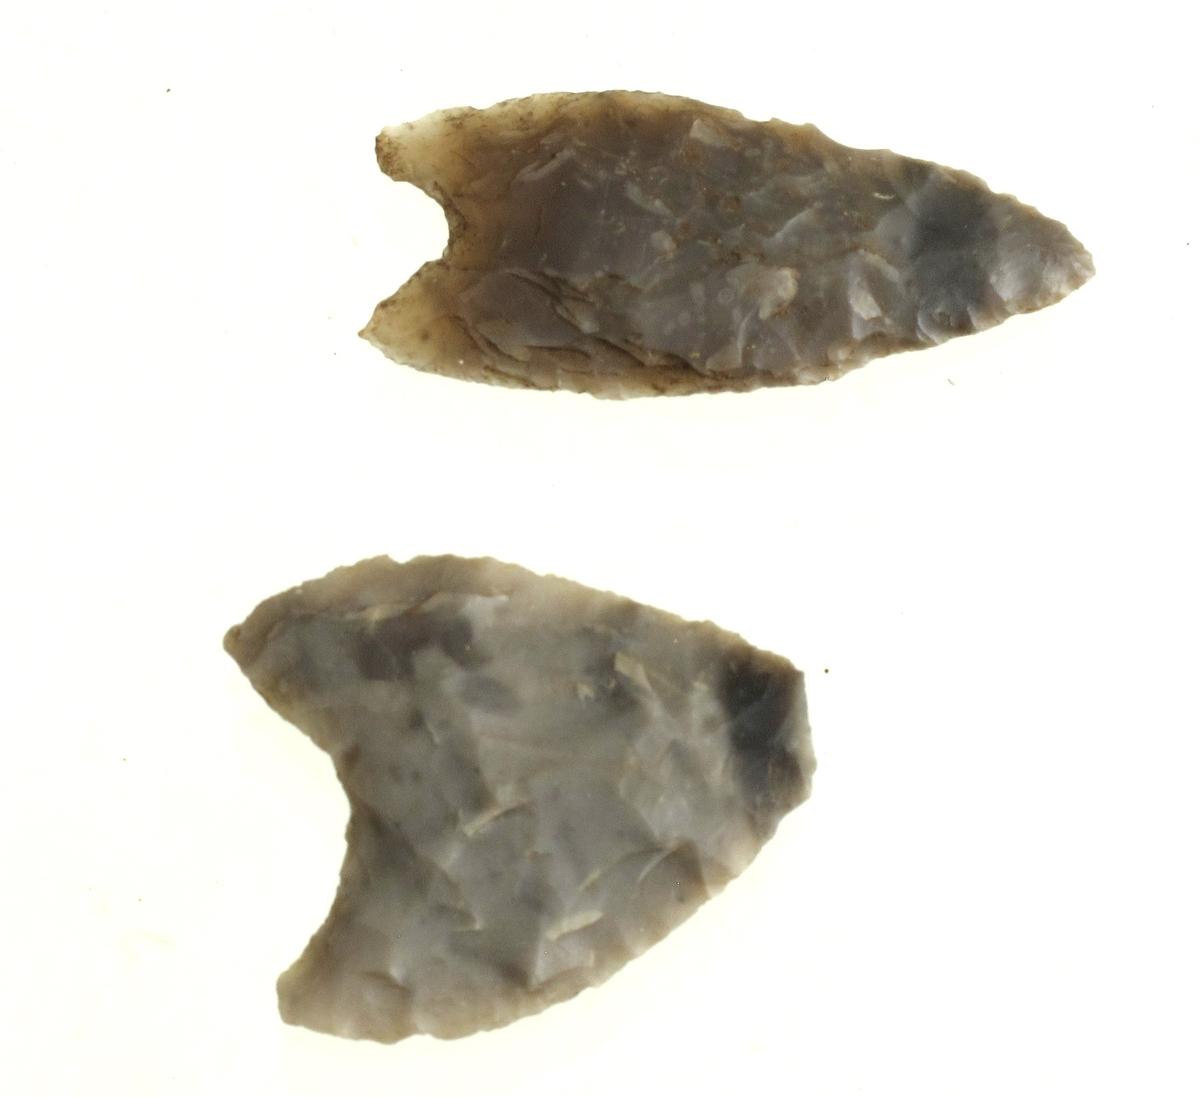 2 hjerteformete pilespisser av grå flint, den lengste nærmest som [Rygh fig.77]R. 77, men uten rygging, med st. bredde midt på bladet og med mindre avstand mellom flikene; den korteste nærmest som H. Gjessing: Rogalands Stenalder, fig. 191, men kortere og bredere.   Lengde h.h.v. 3,3 og 2,5 cm, bredde 1,5 og 2,2 cm.